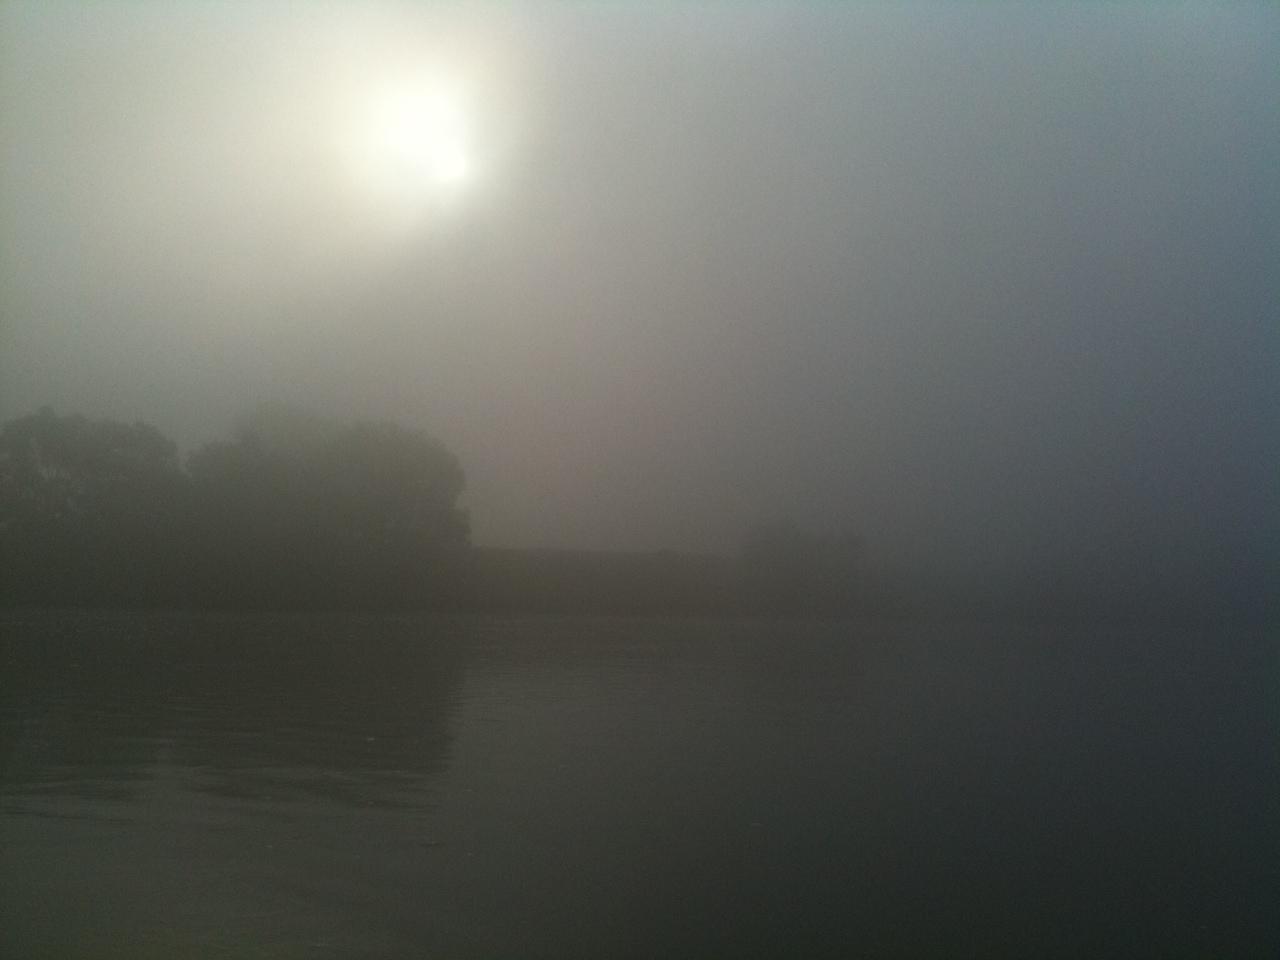 Risultati immagini per fiume po' nebbia